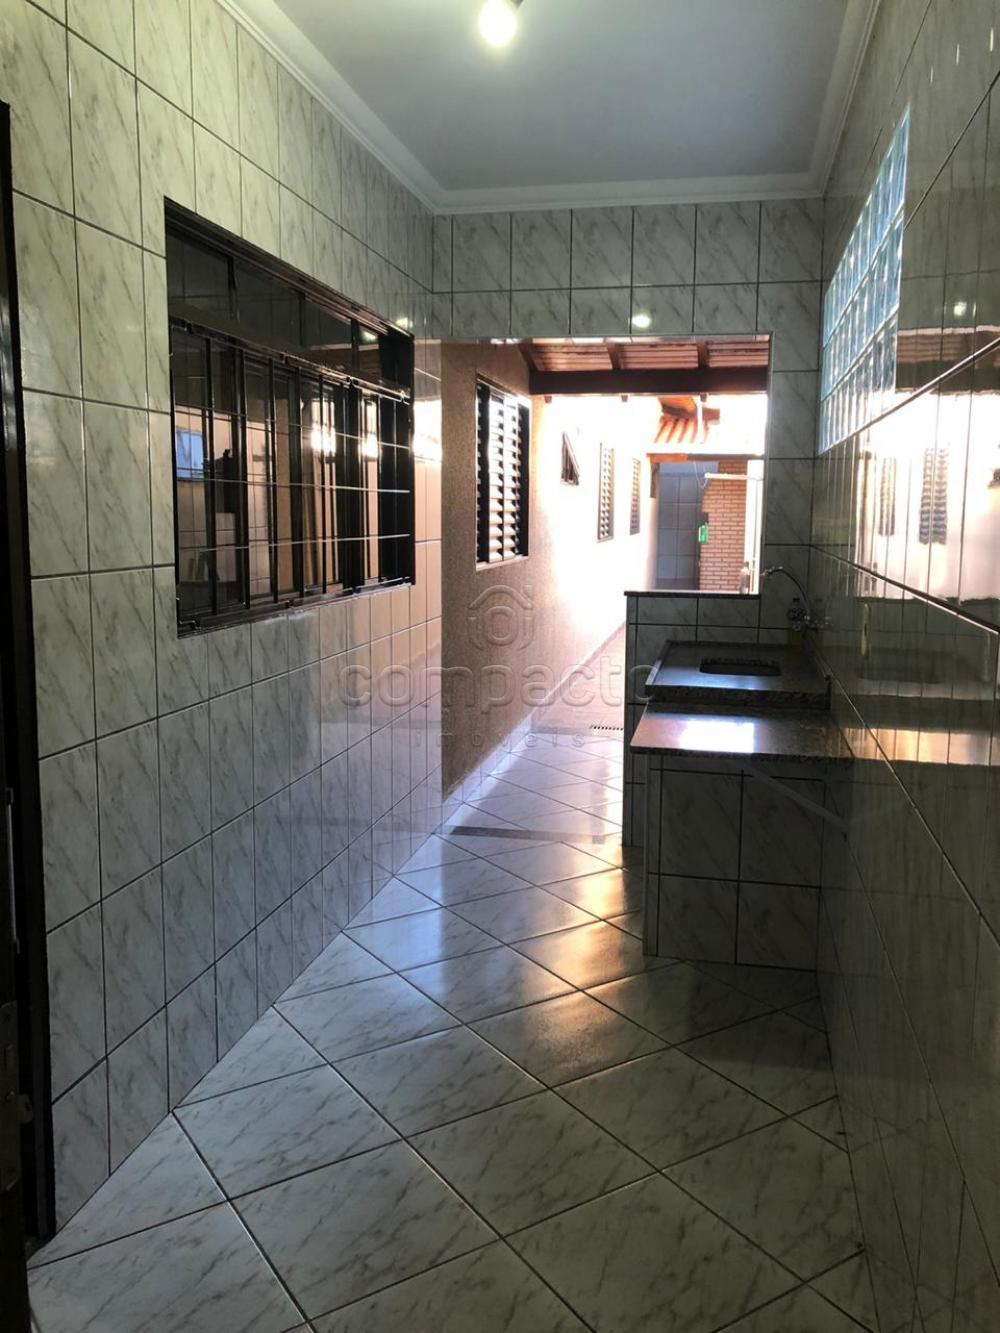 Comprar Casa / Padrão em Mirassol apenas R$ 275.000,00 - Foto 19